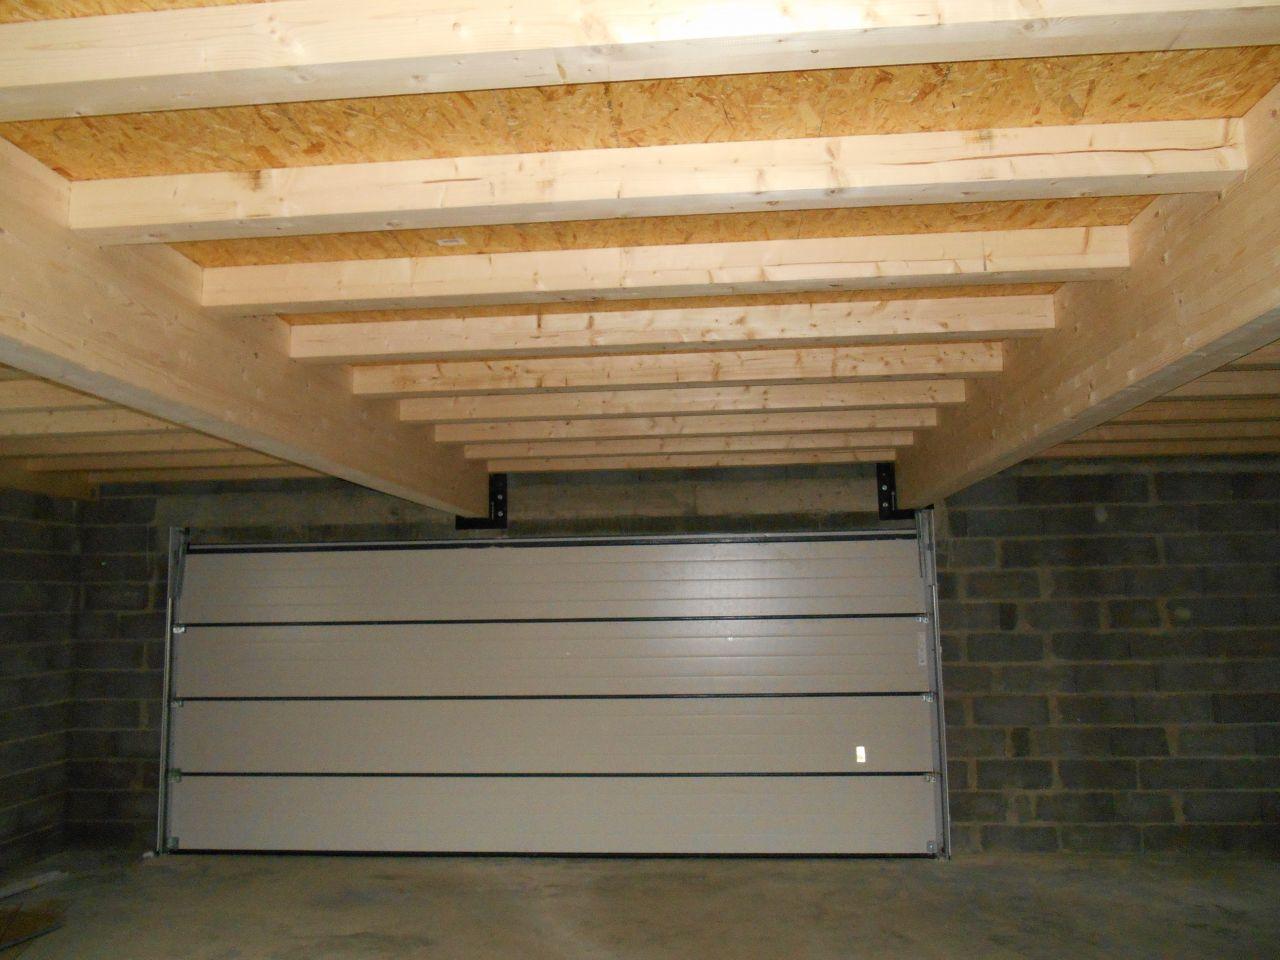 L 39 esth tique tique elle se h te avec lenteur solivage sur garage - Faire un plancher bois dans un garage ...